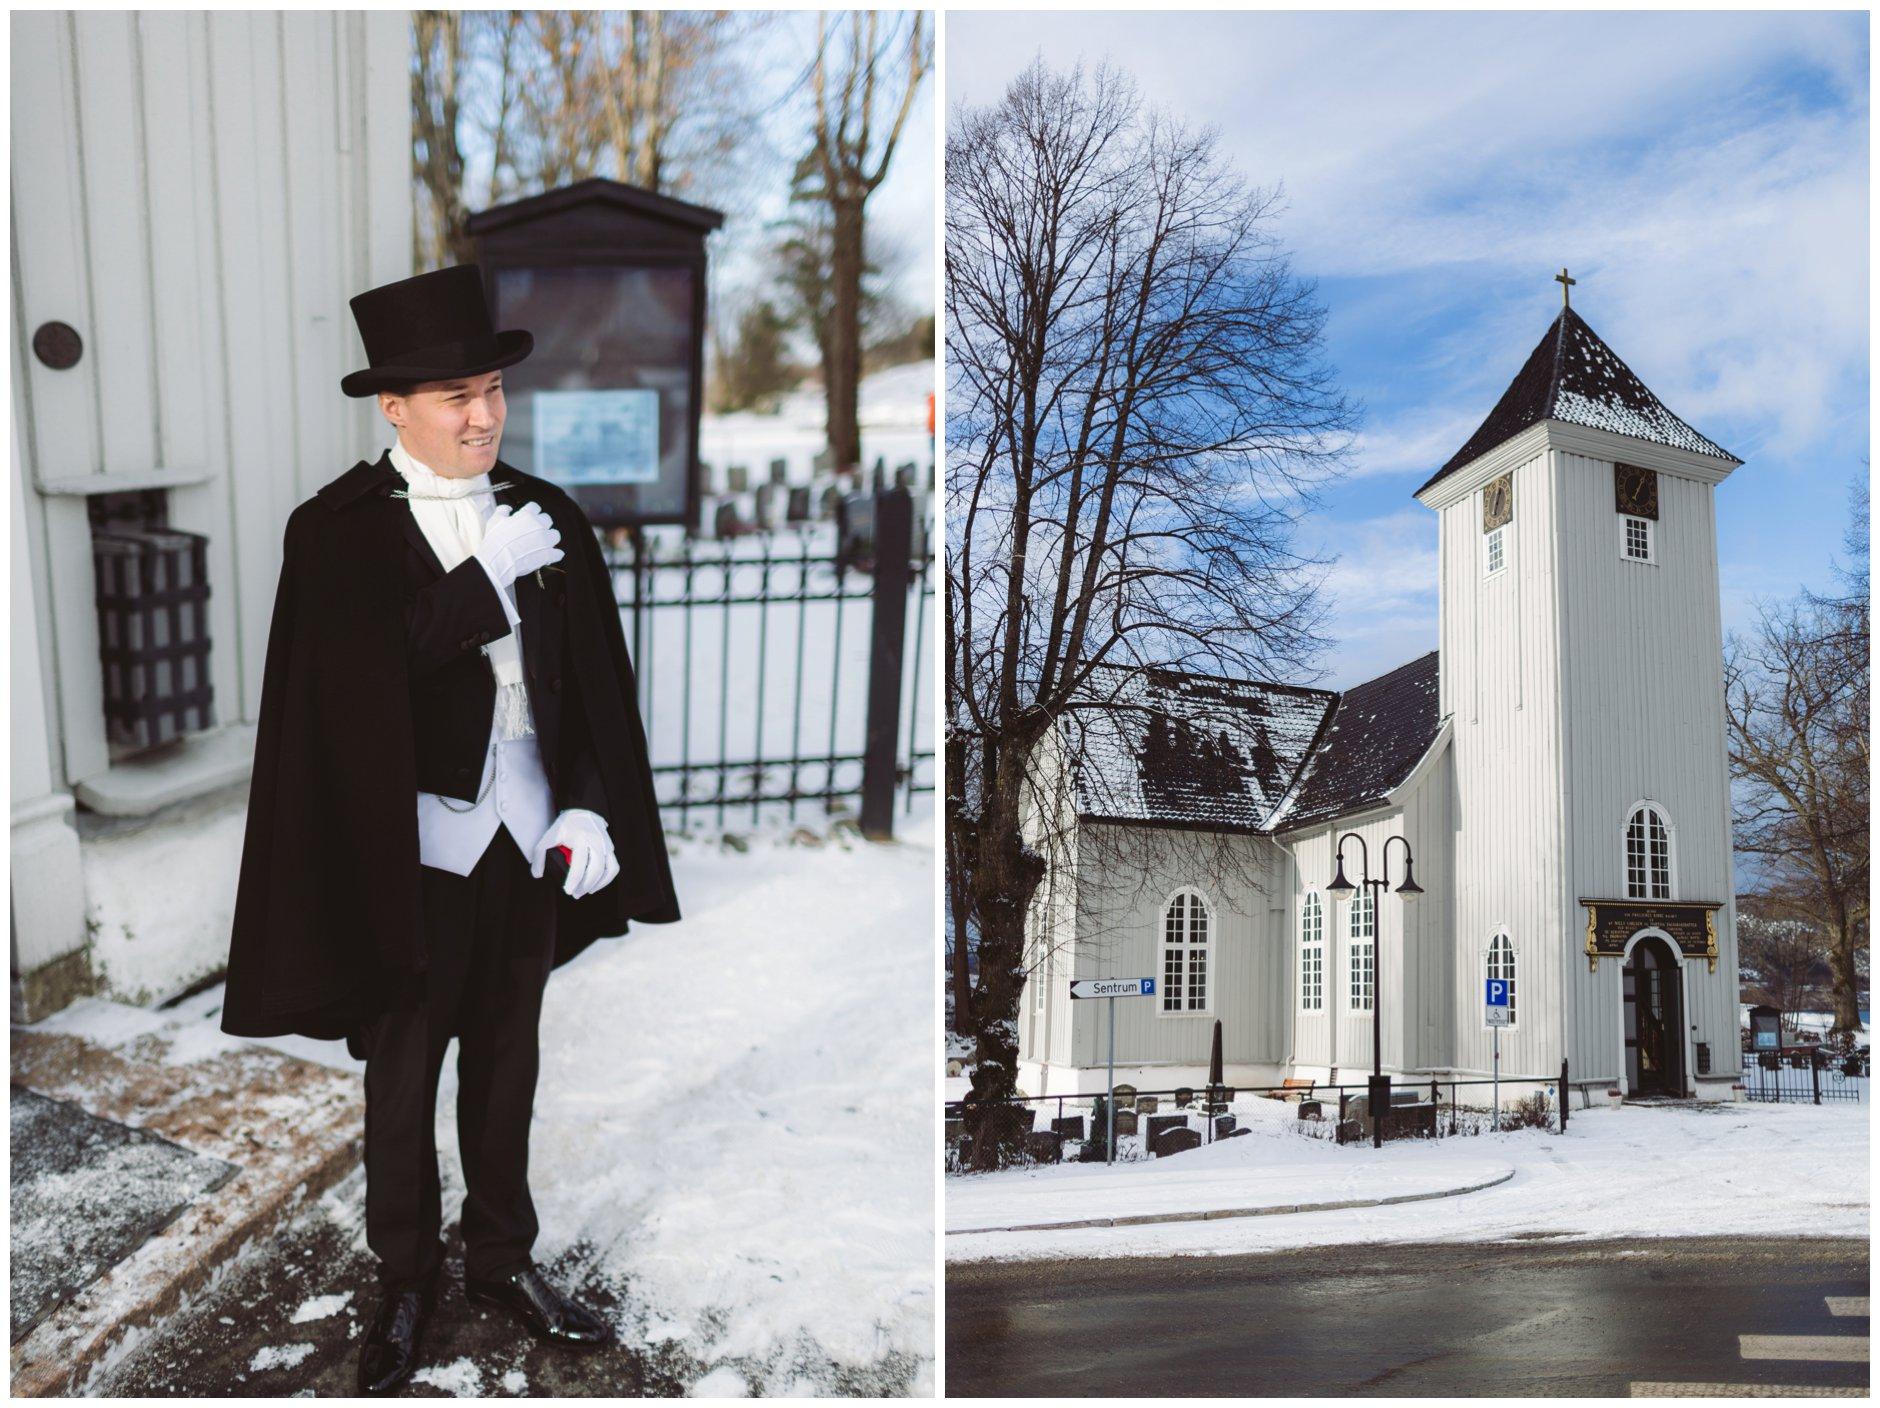 Fotograf-Eline-Jacobine-Vinterbryllup-Malene-og-Per-Kristian_0025